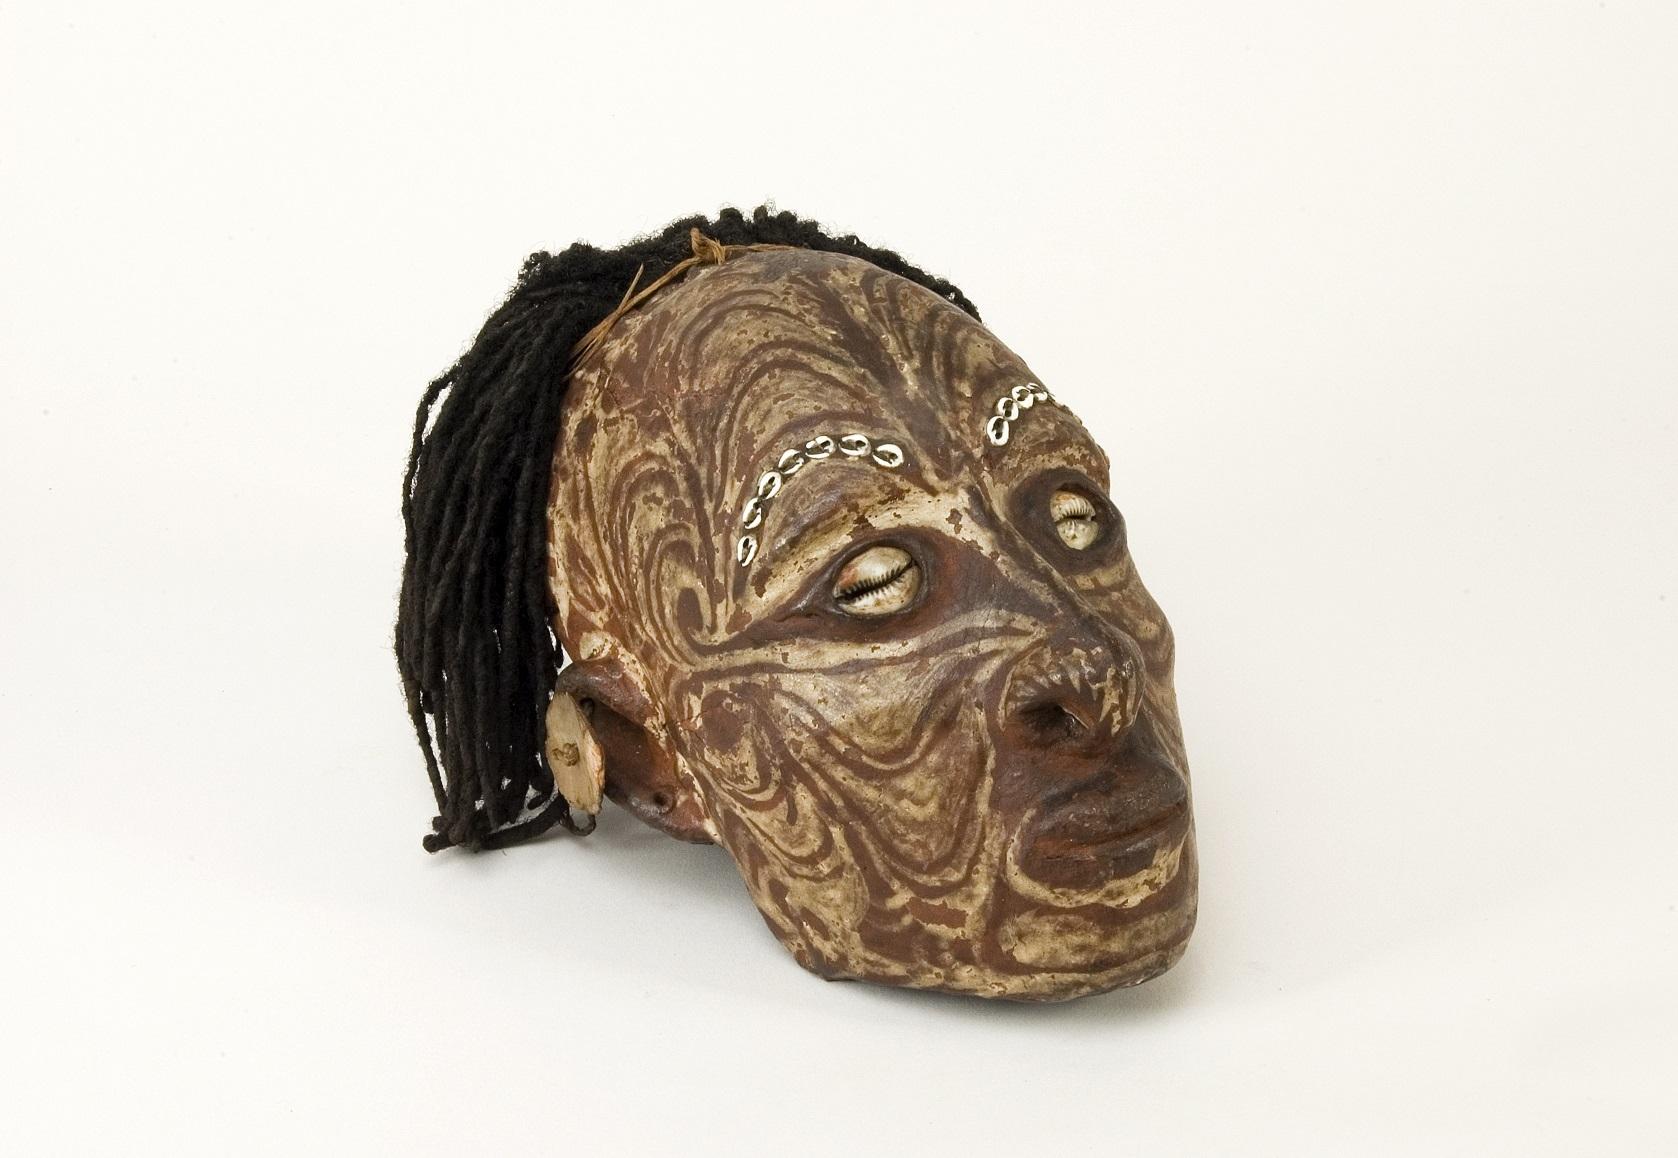 《肖像頭蓋骨》 レーマー・ペリツェウス博物館所蔵 1800年-1900年頃、 パプアニューギニア